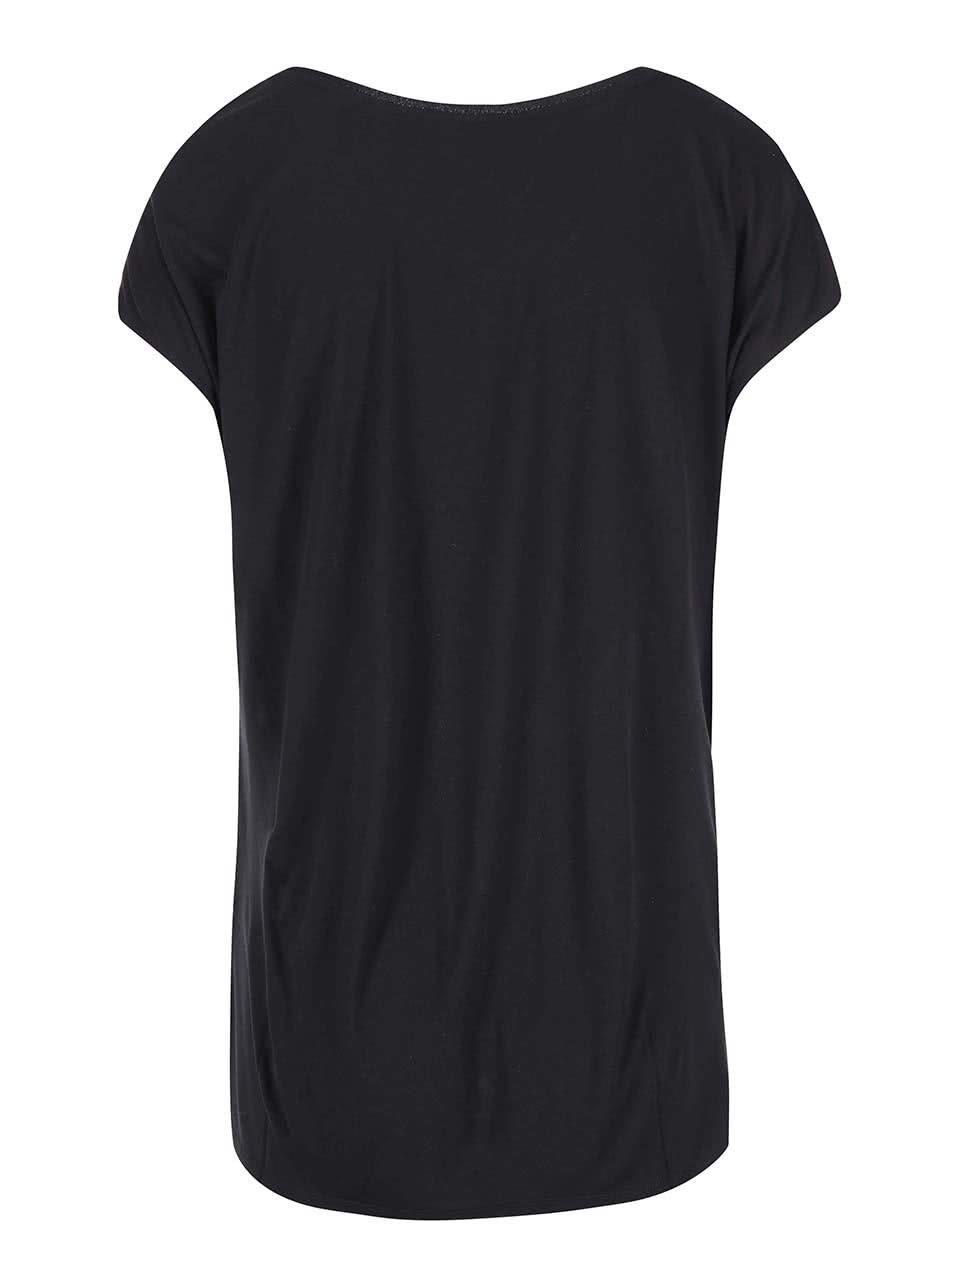 e75f5687bb7b Čierne dámske tričko s metalickou potlačou s.Oliver